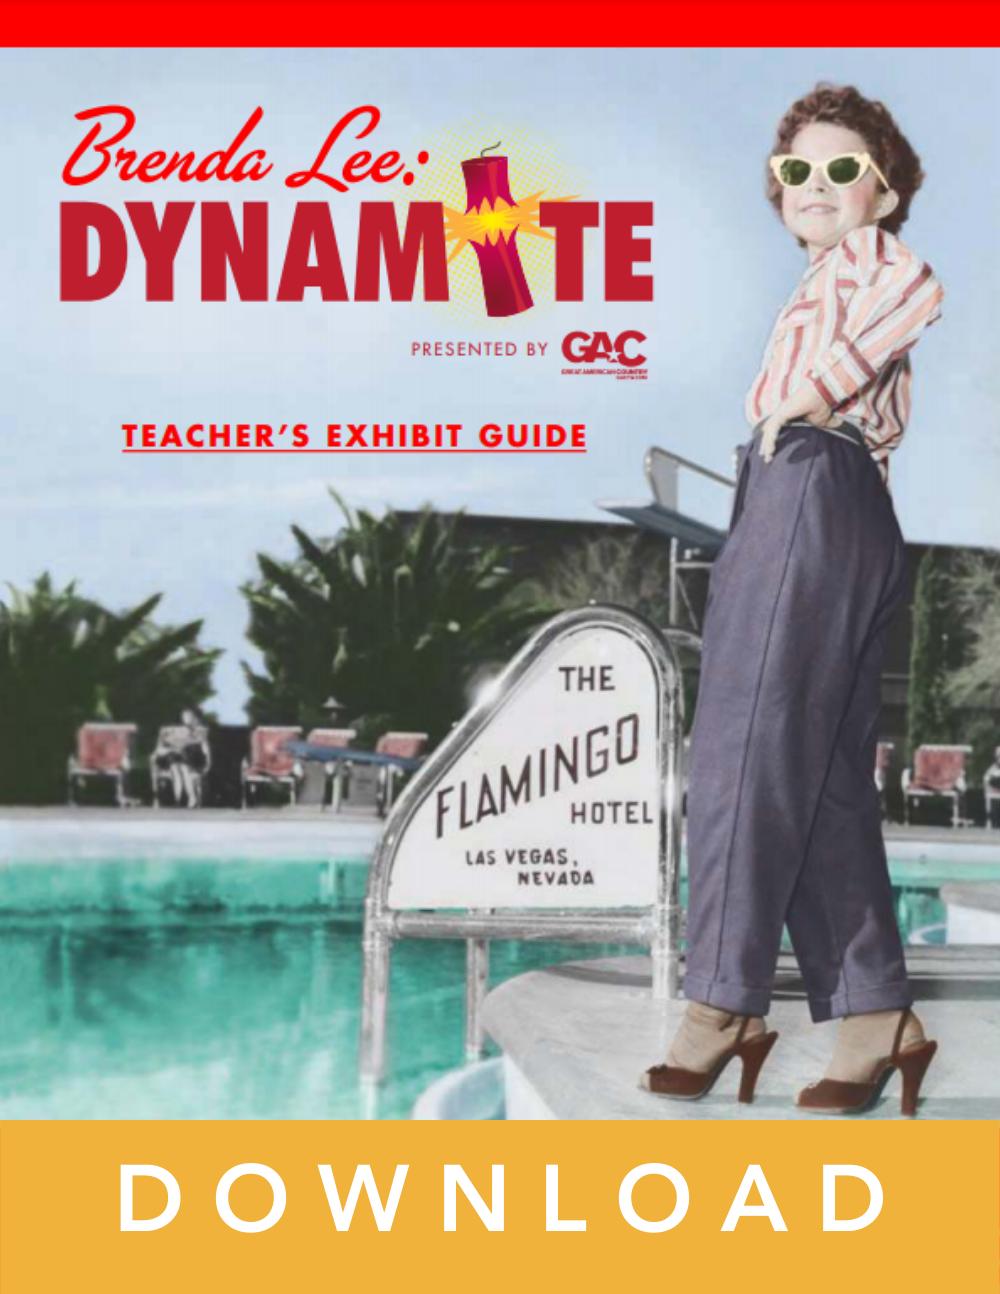 Brenda Lee lesson guide cover art